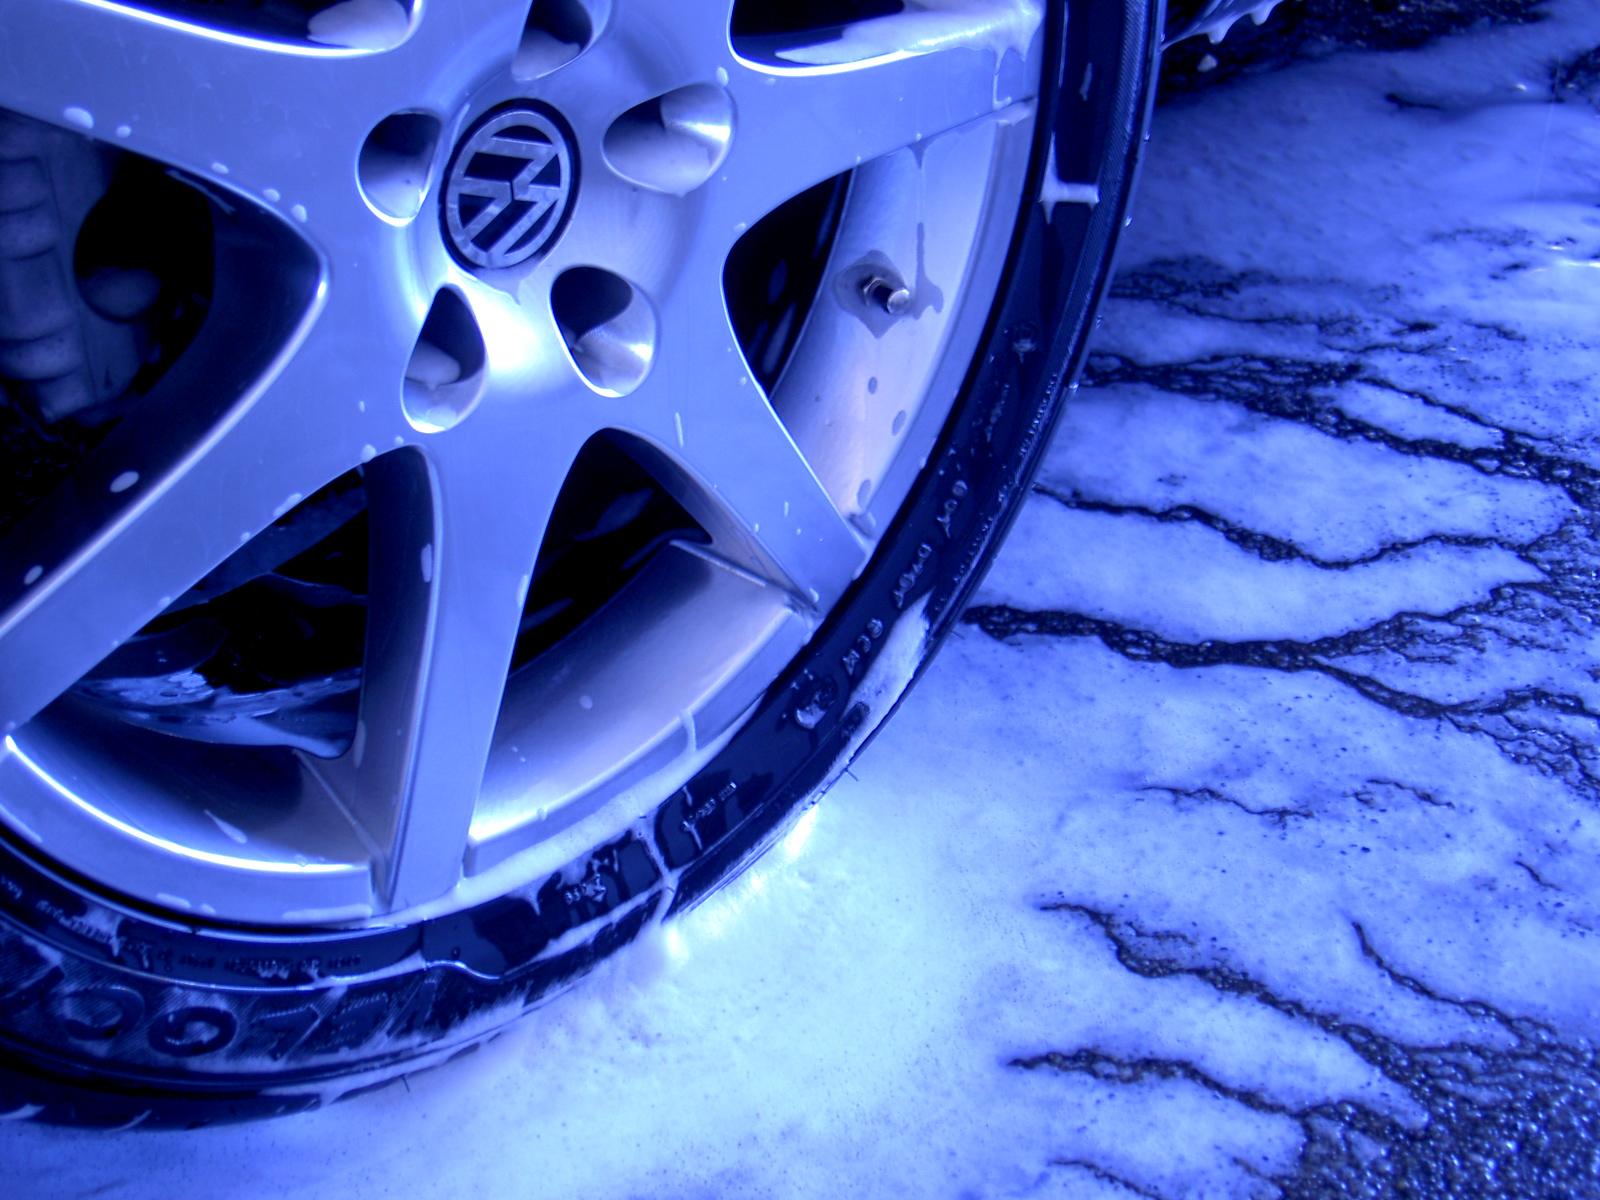 Auto puhastus ja rehvitöö